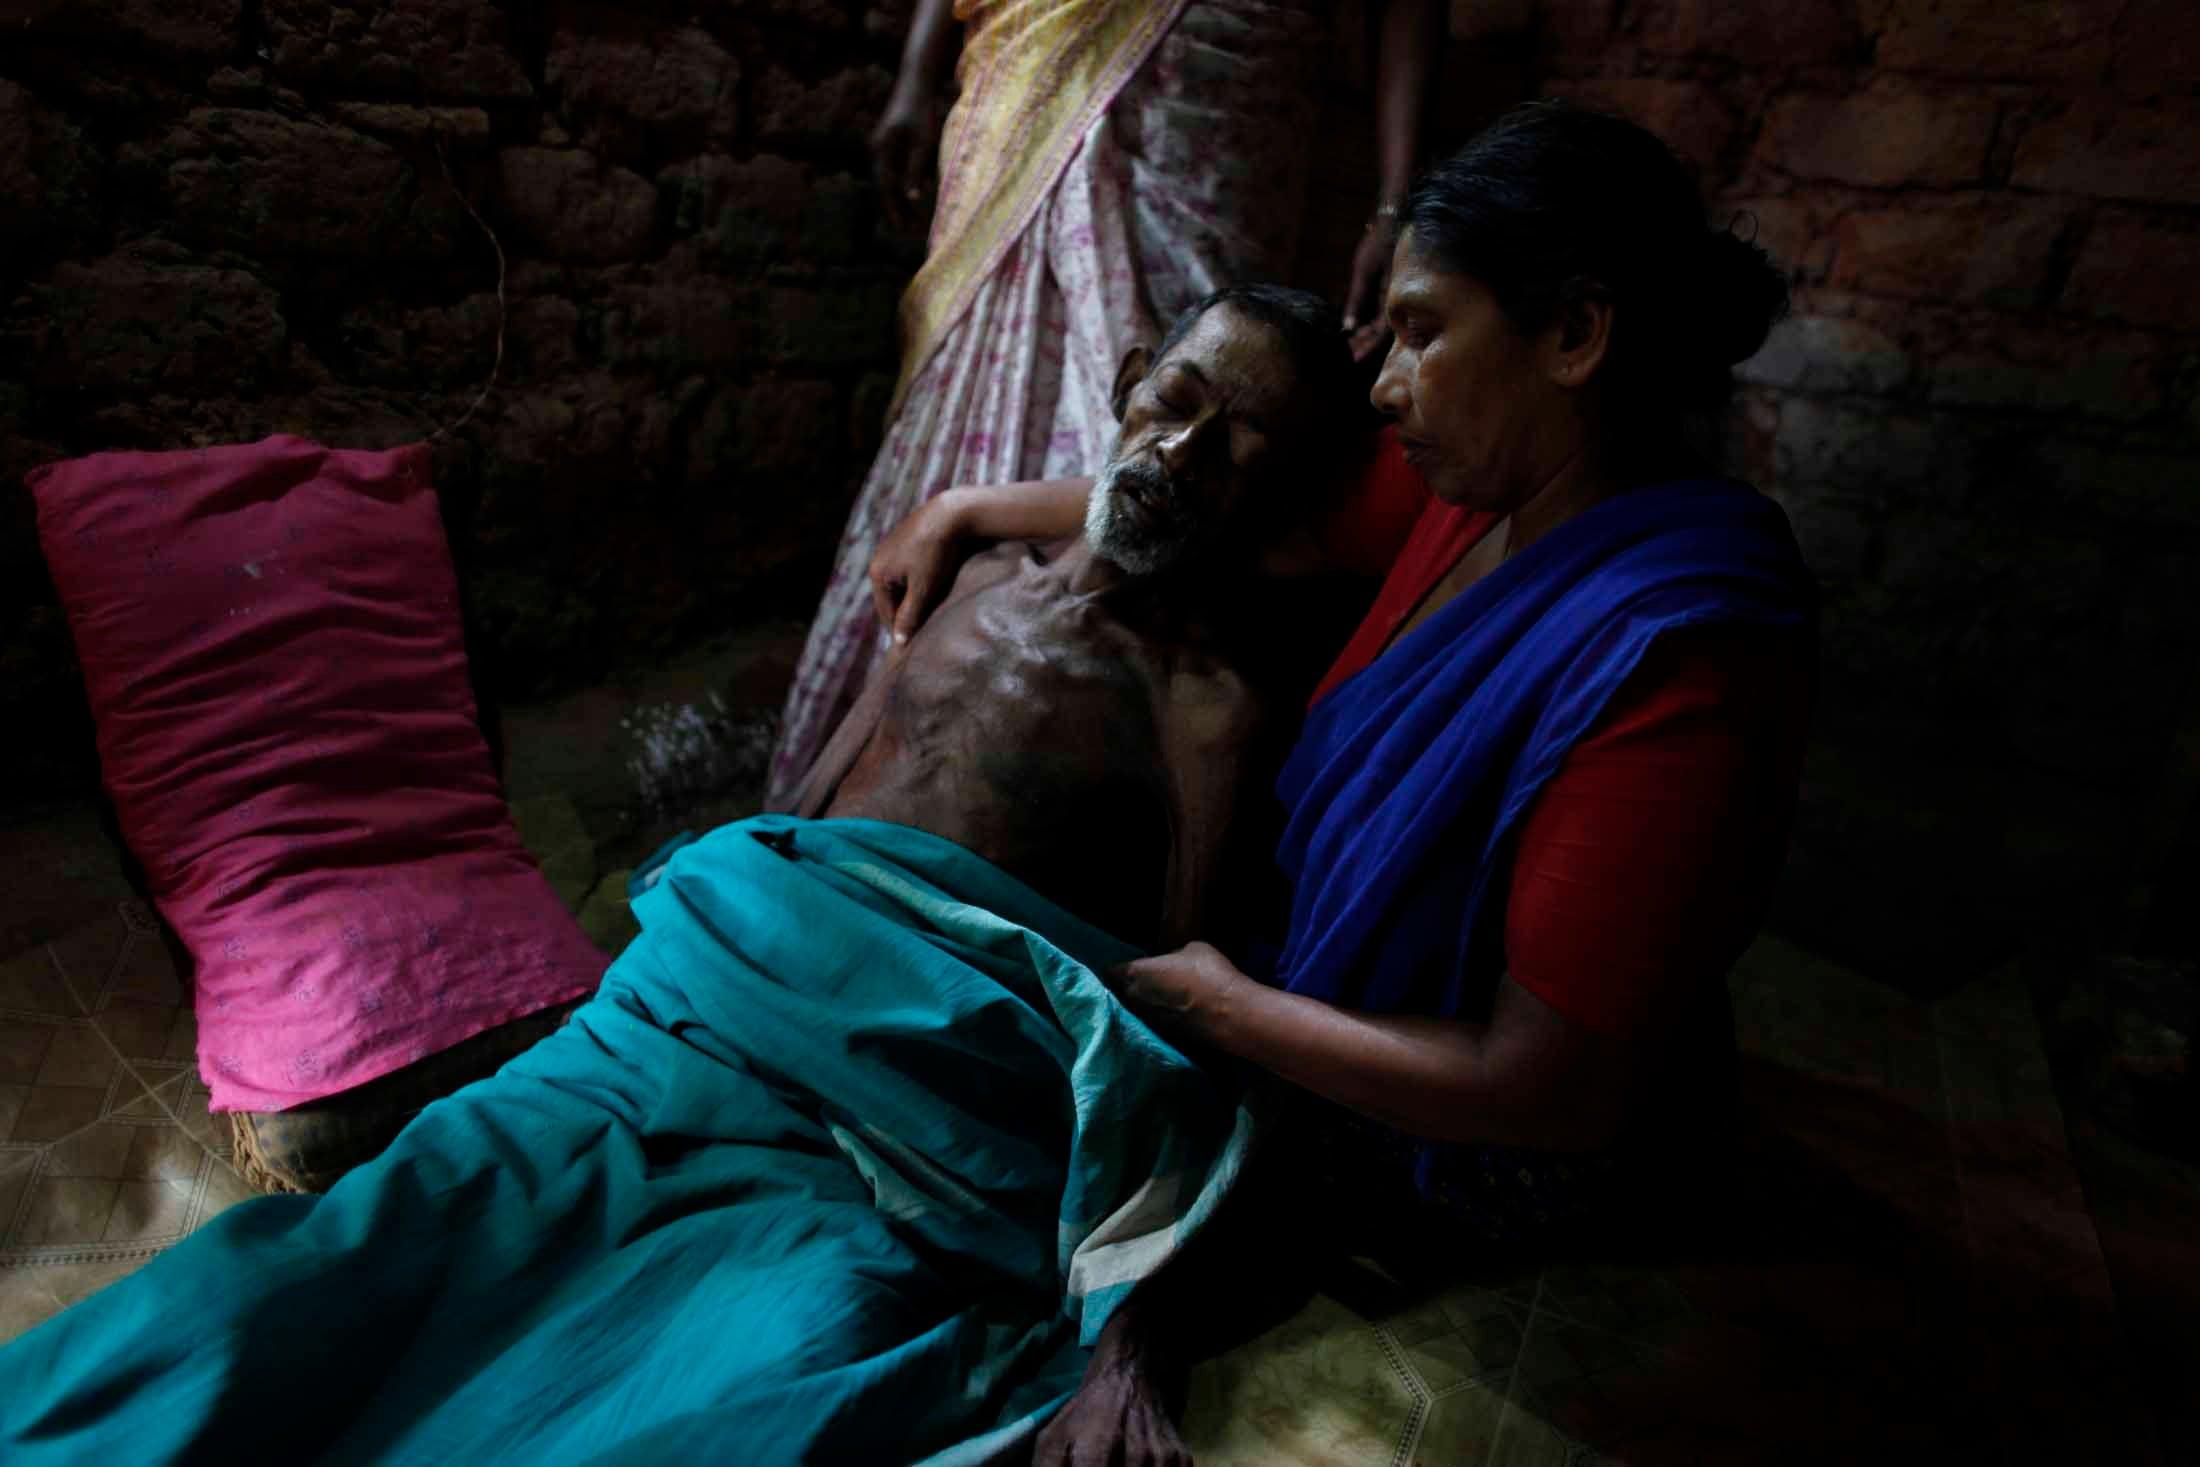 הזכות לסיוע: טיפול פליאטיבי בהודו